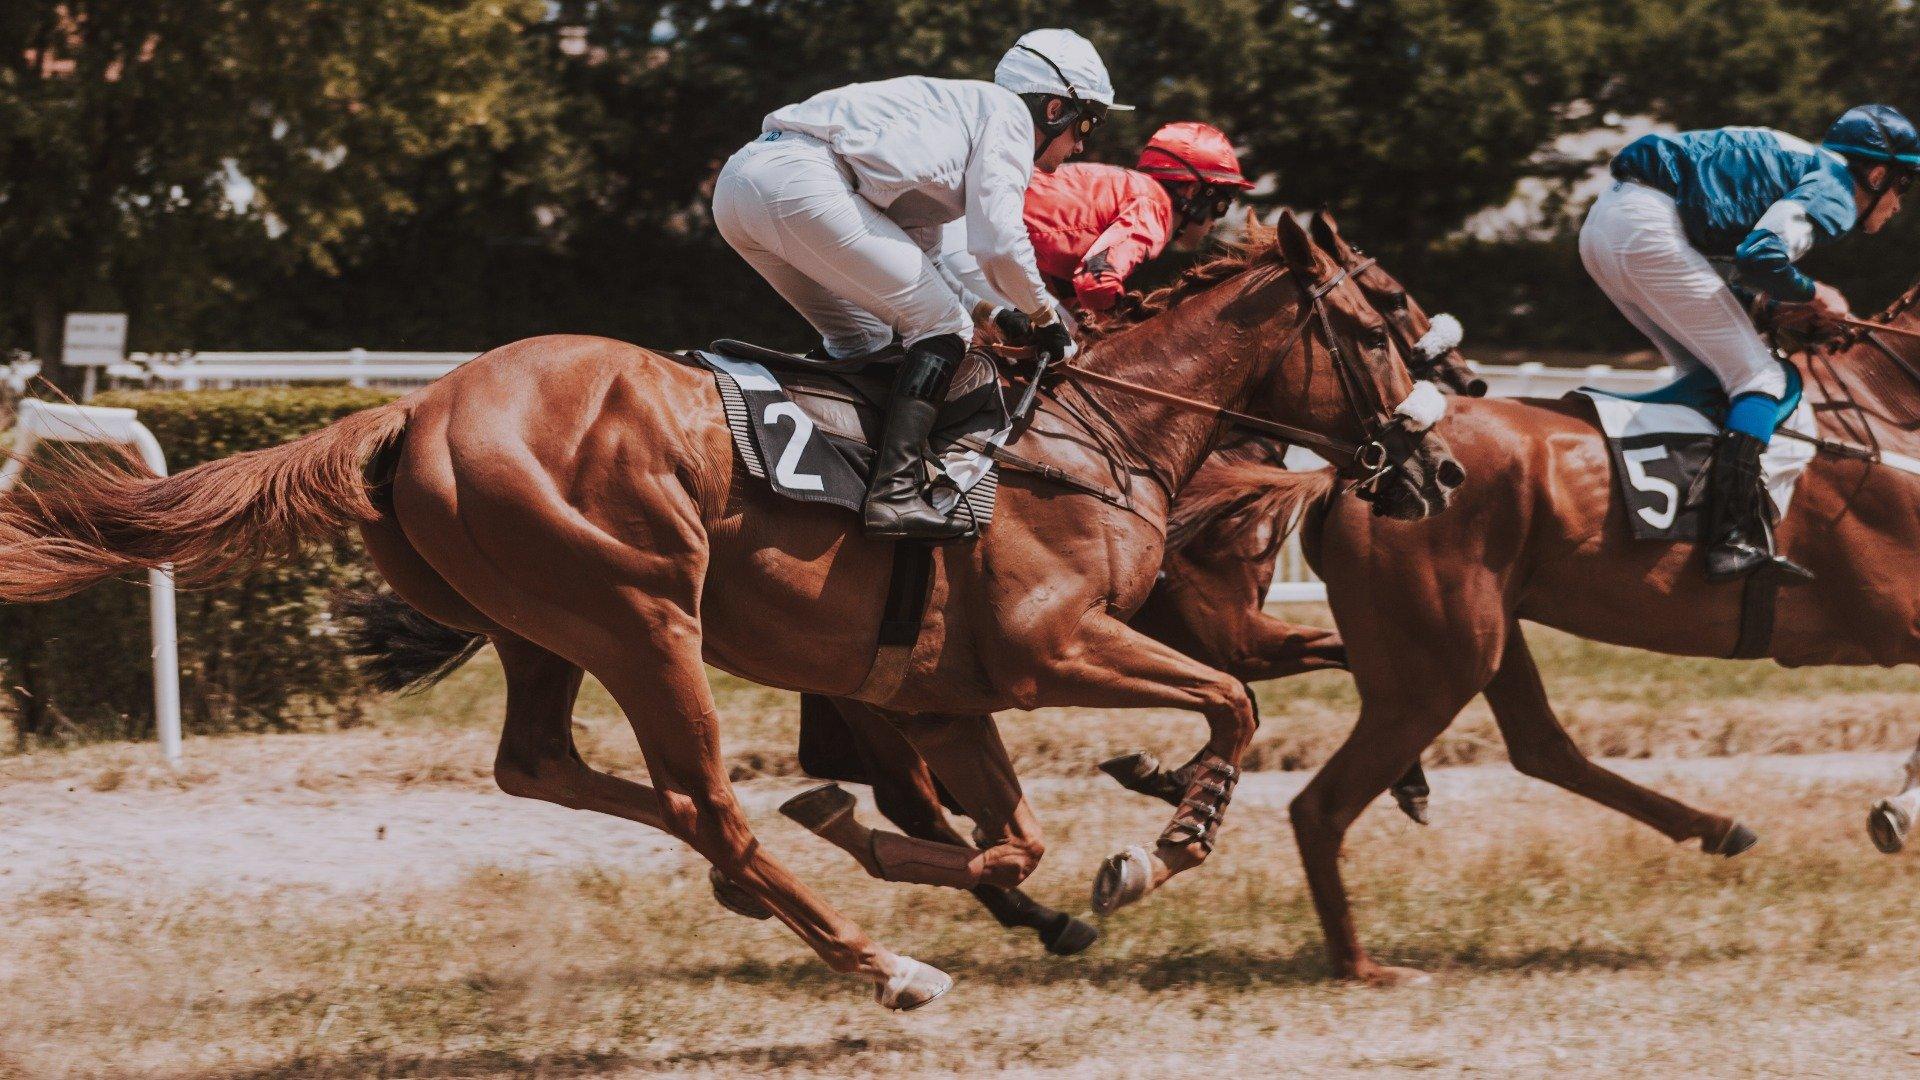 Pferde auf der Rennbahn unter Reiter